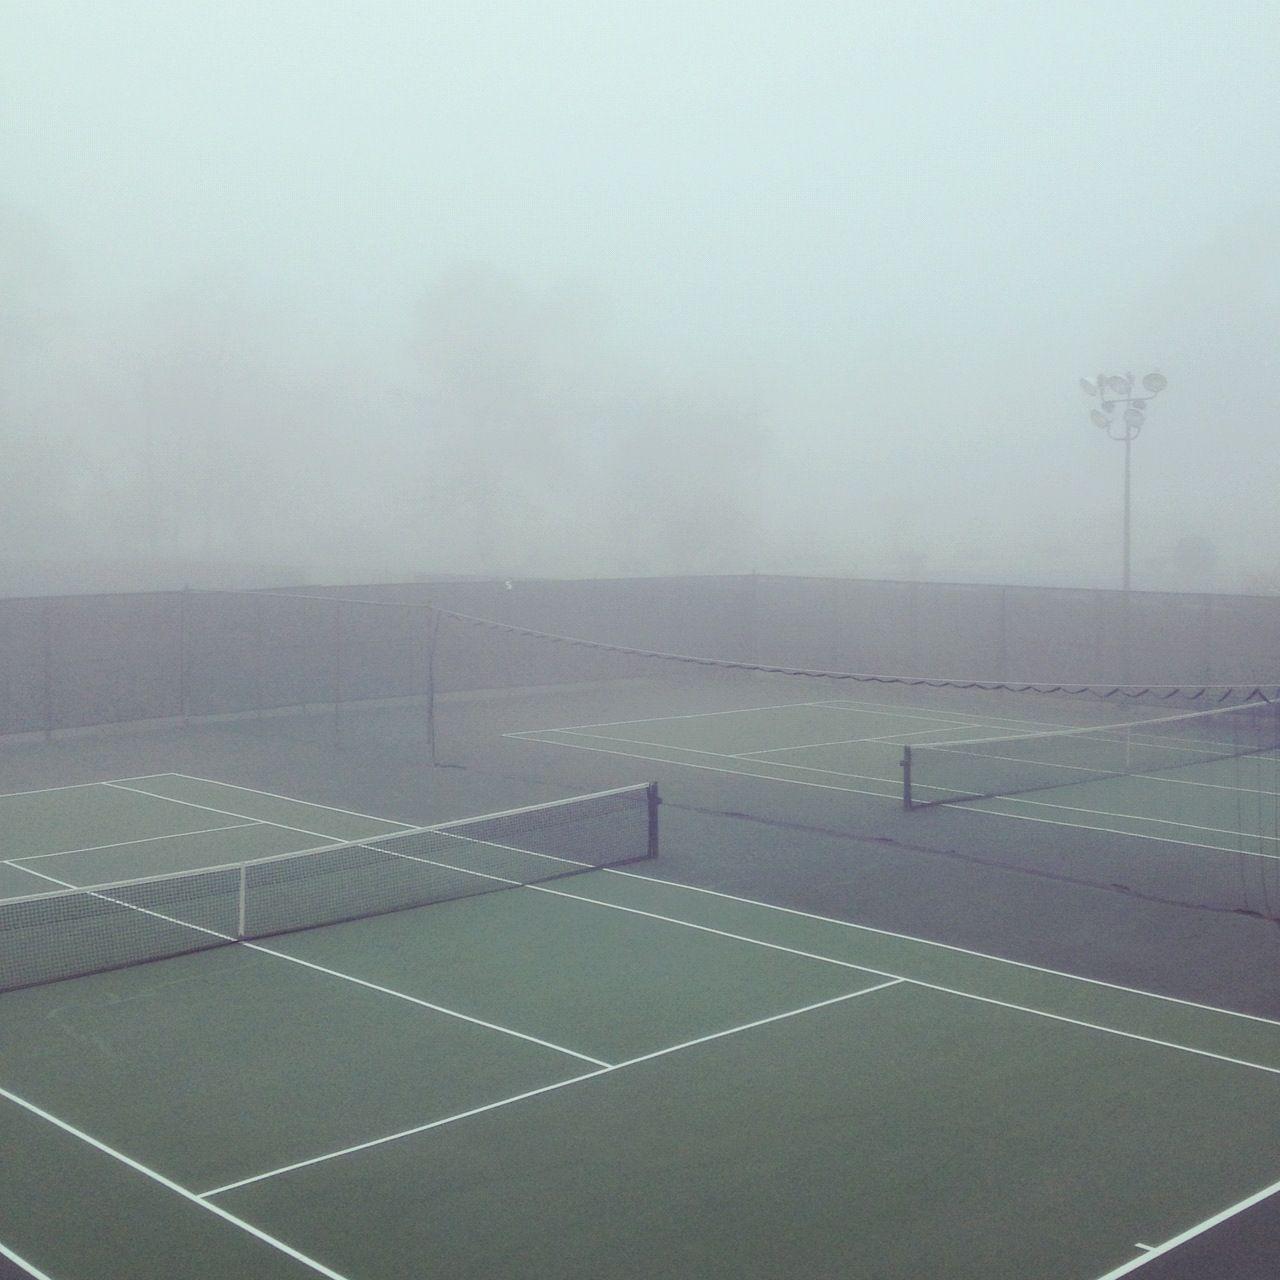 fogyhat-e a tenisz samsung fogyás alkalmazások